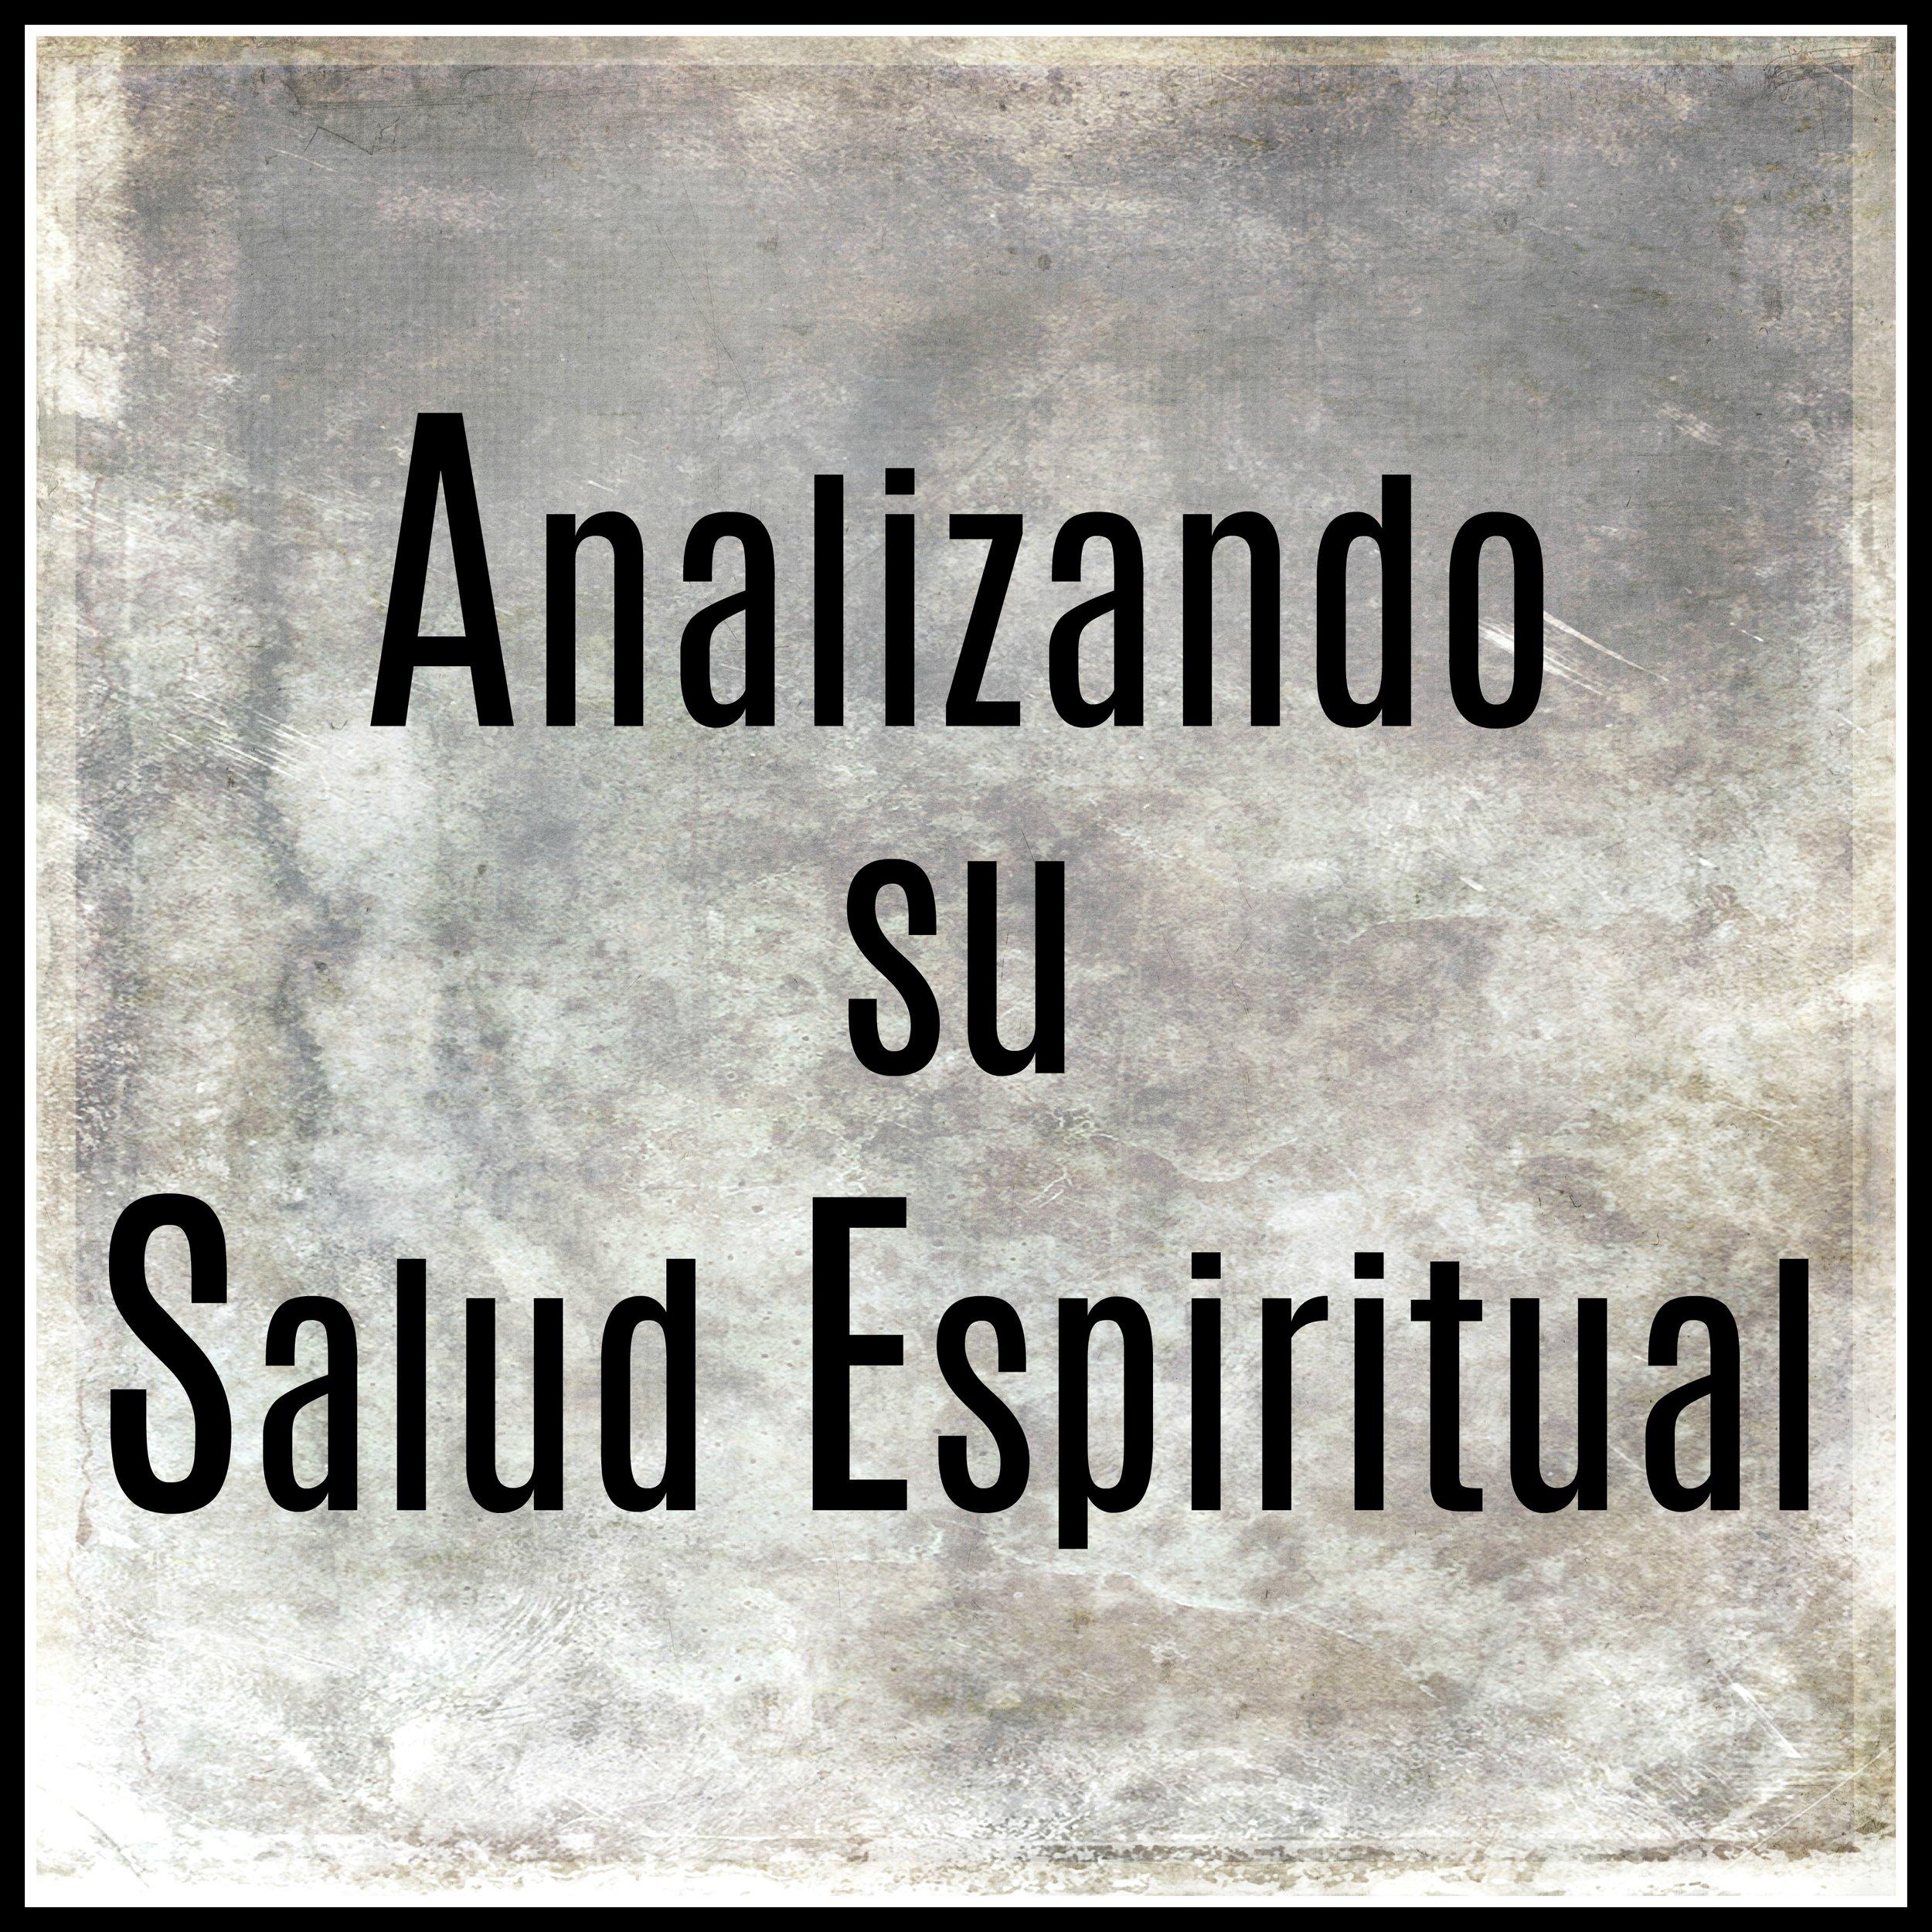 Analizando su Salud Espiritual.jpg